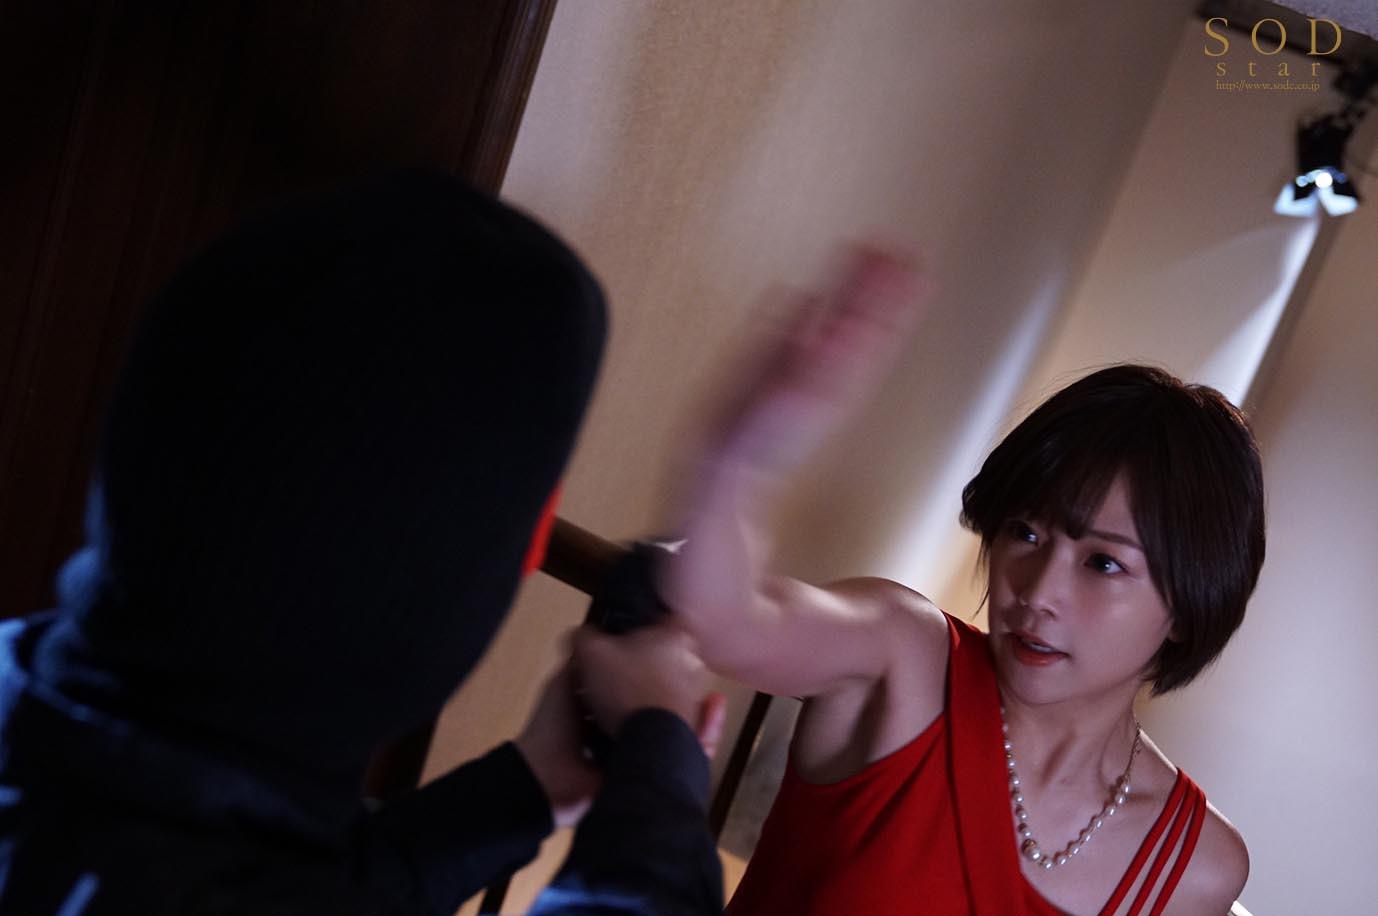 ヘタレな僕を救いに来た先輩女捜査官が悪の組織に輪姦されているのを見てフル勃起 紗倉まな 画像3